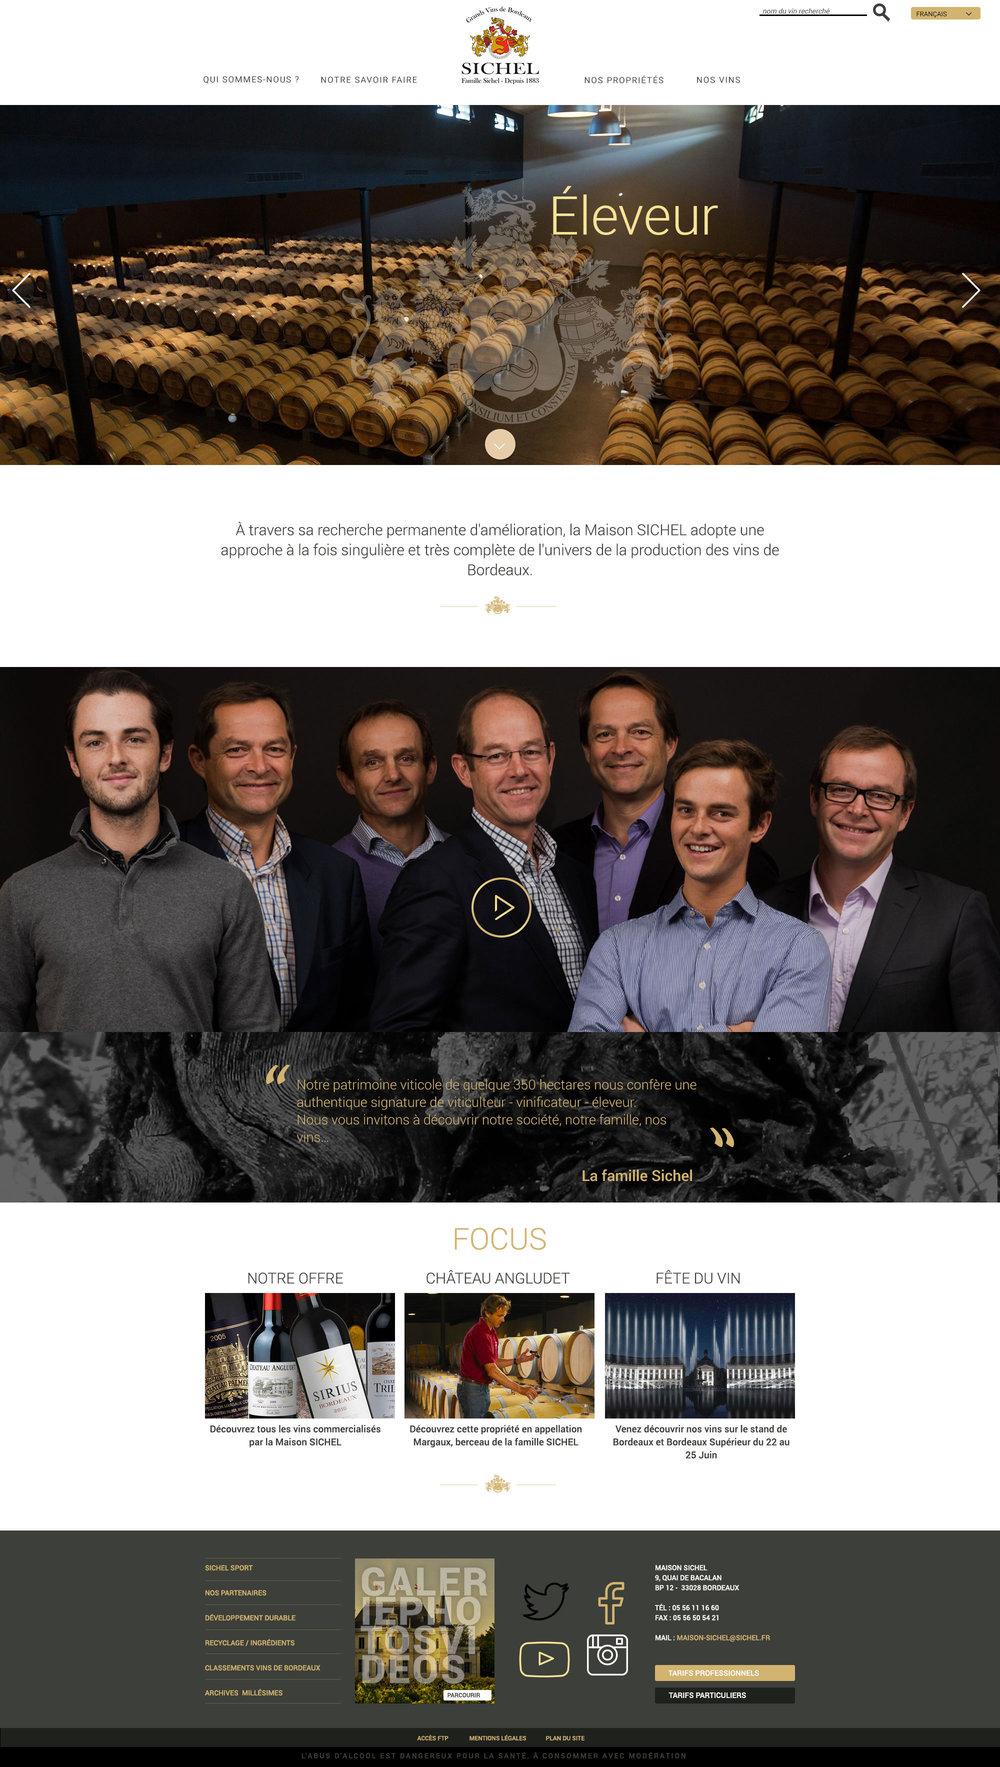 SICHEL : webdesign du site de la Maison SICHEL à Bordeaux